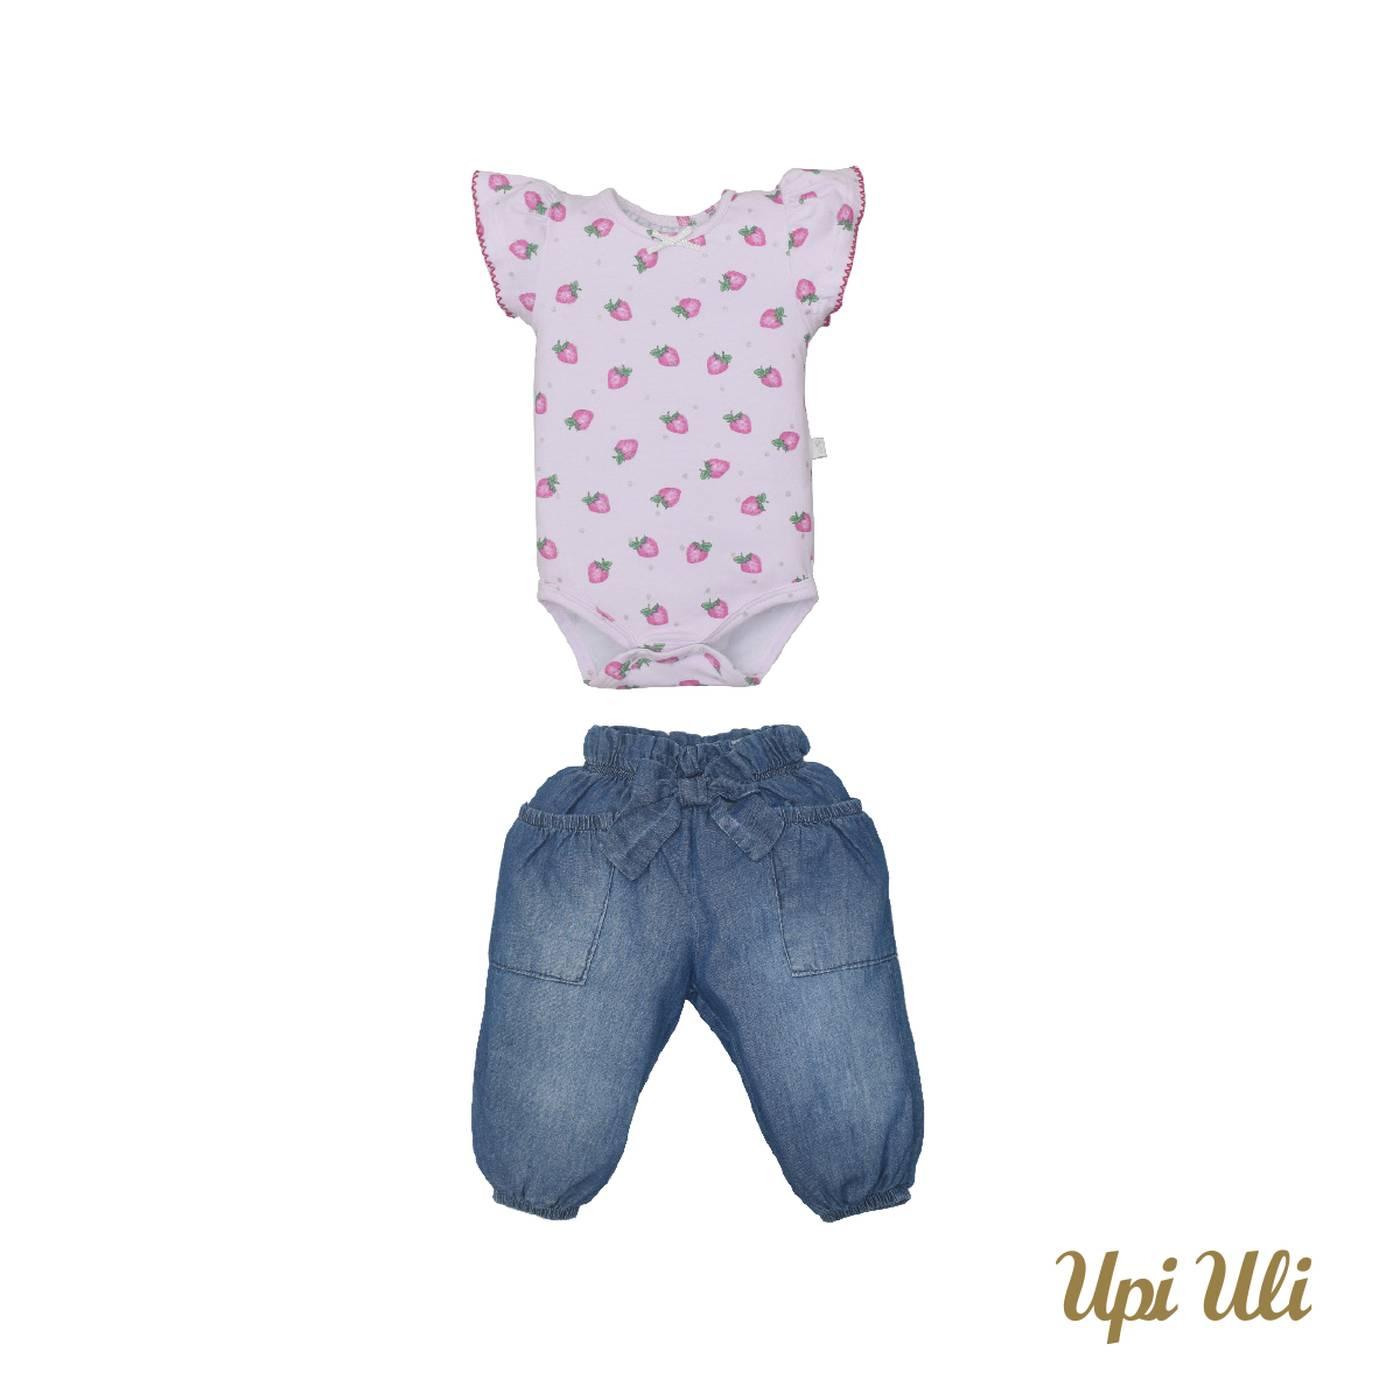 Conj. Body C/ Culote  Cotton/Jeans Valéria  P/V